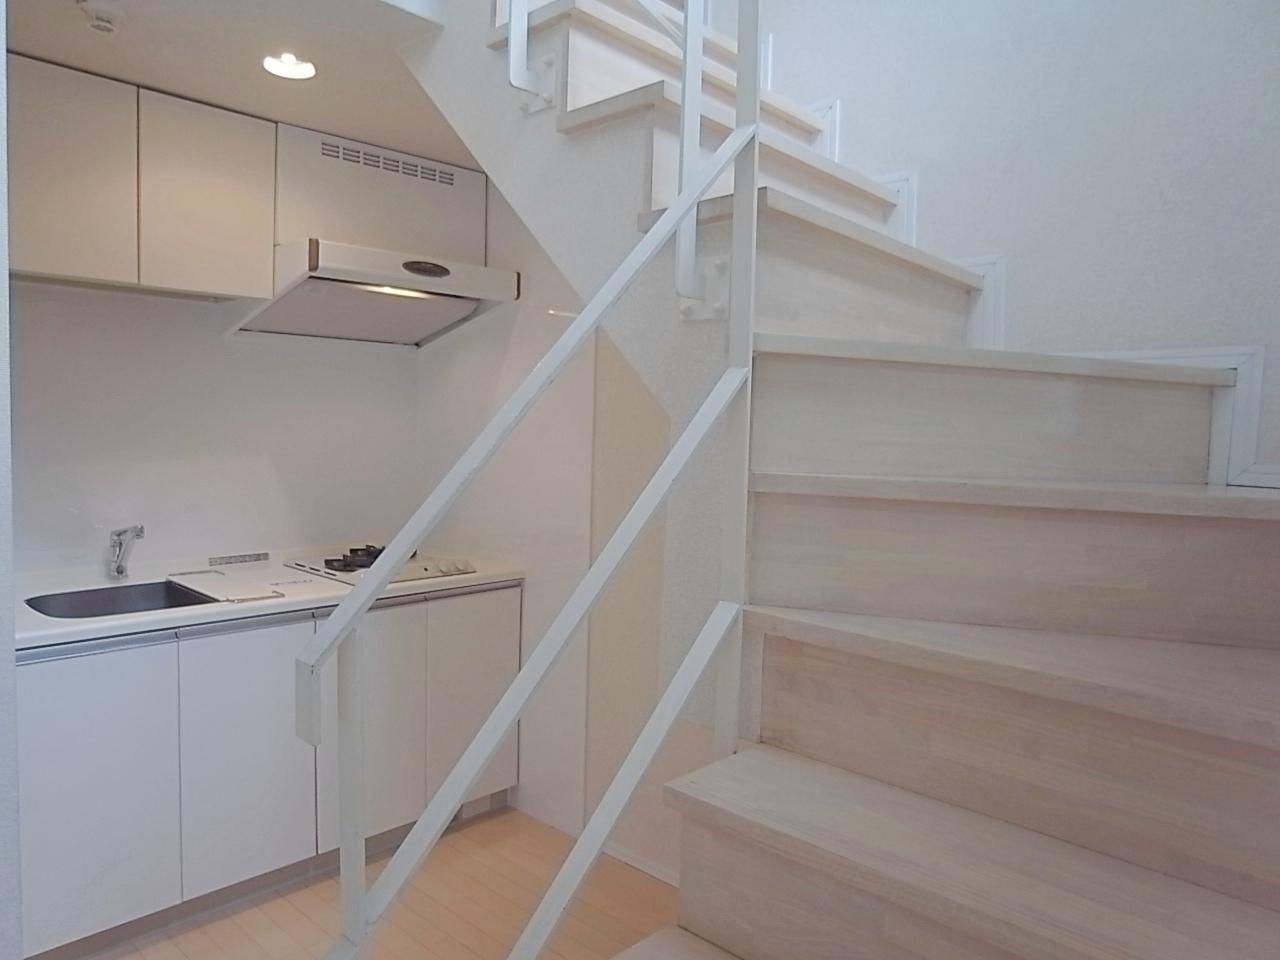 階段脇のキッチン。階段下はパントリー使いできそう。